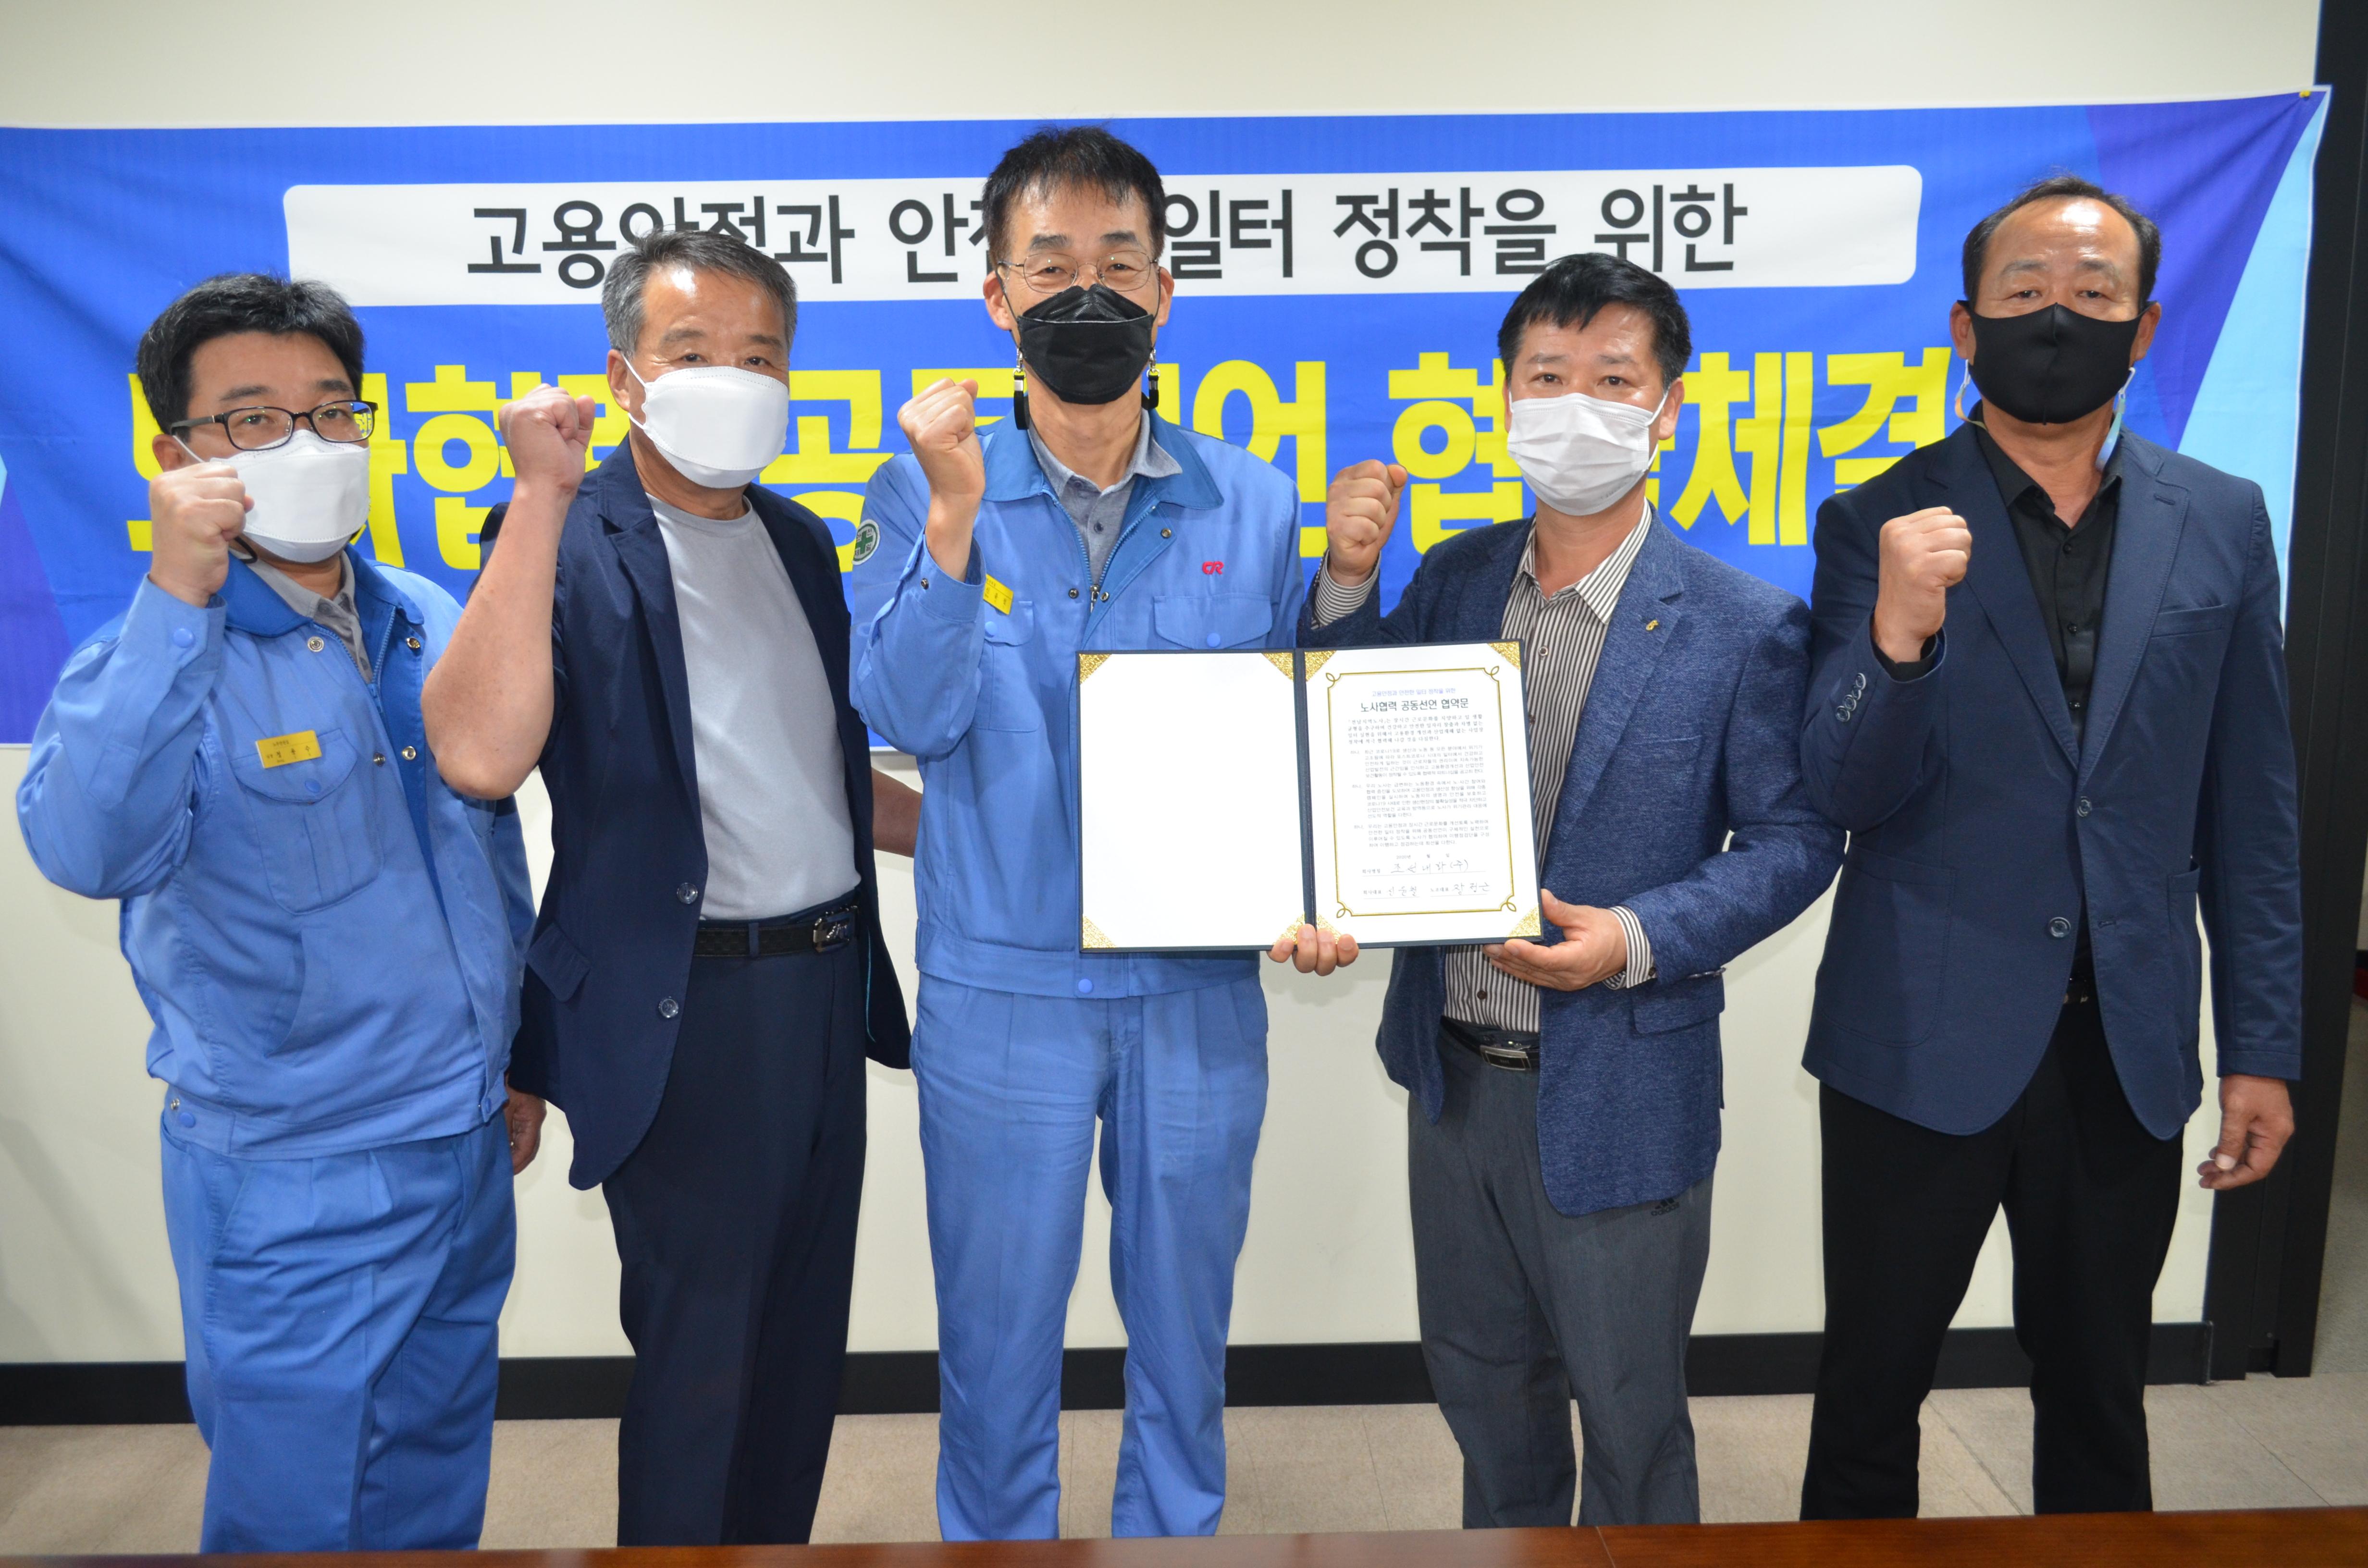 조선내화(주)공양공장  노사공동 협력선언